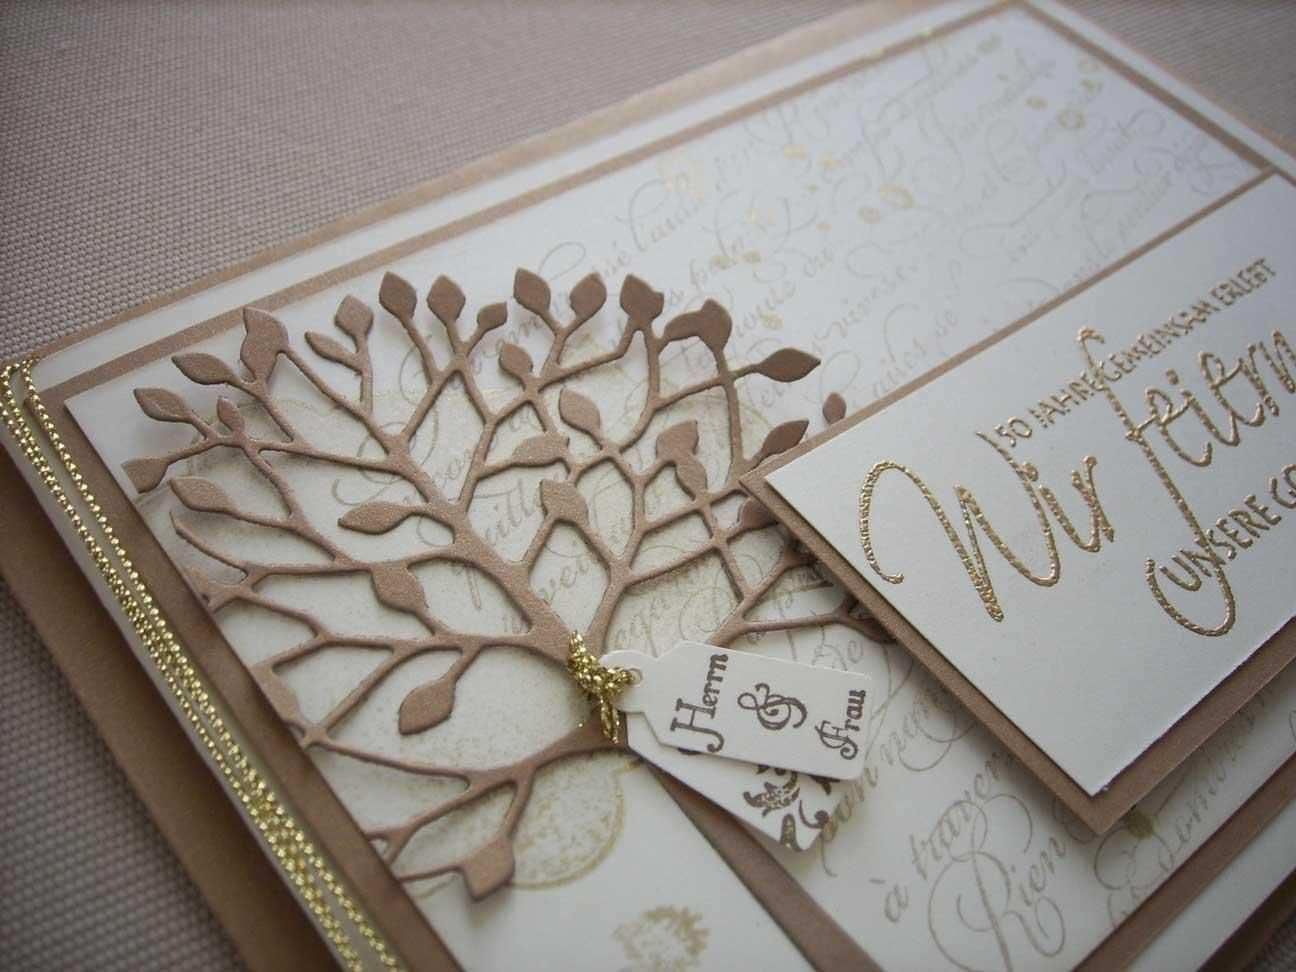 Einladungskarten Goldene Hochzeit Kostenlos Download Einladungskarten Goldene Hochzeit Einladung Goldene Hochzeit Einladungskarten Hochzeit